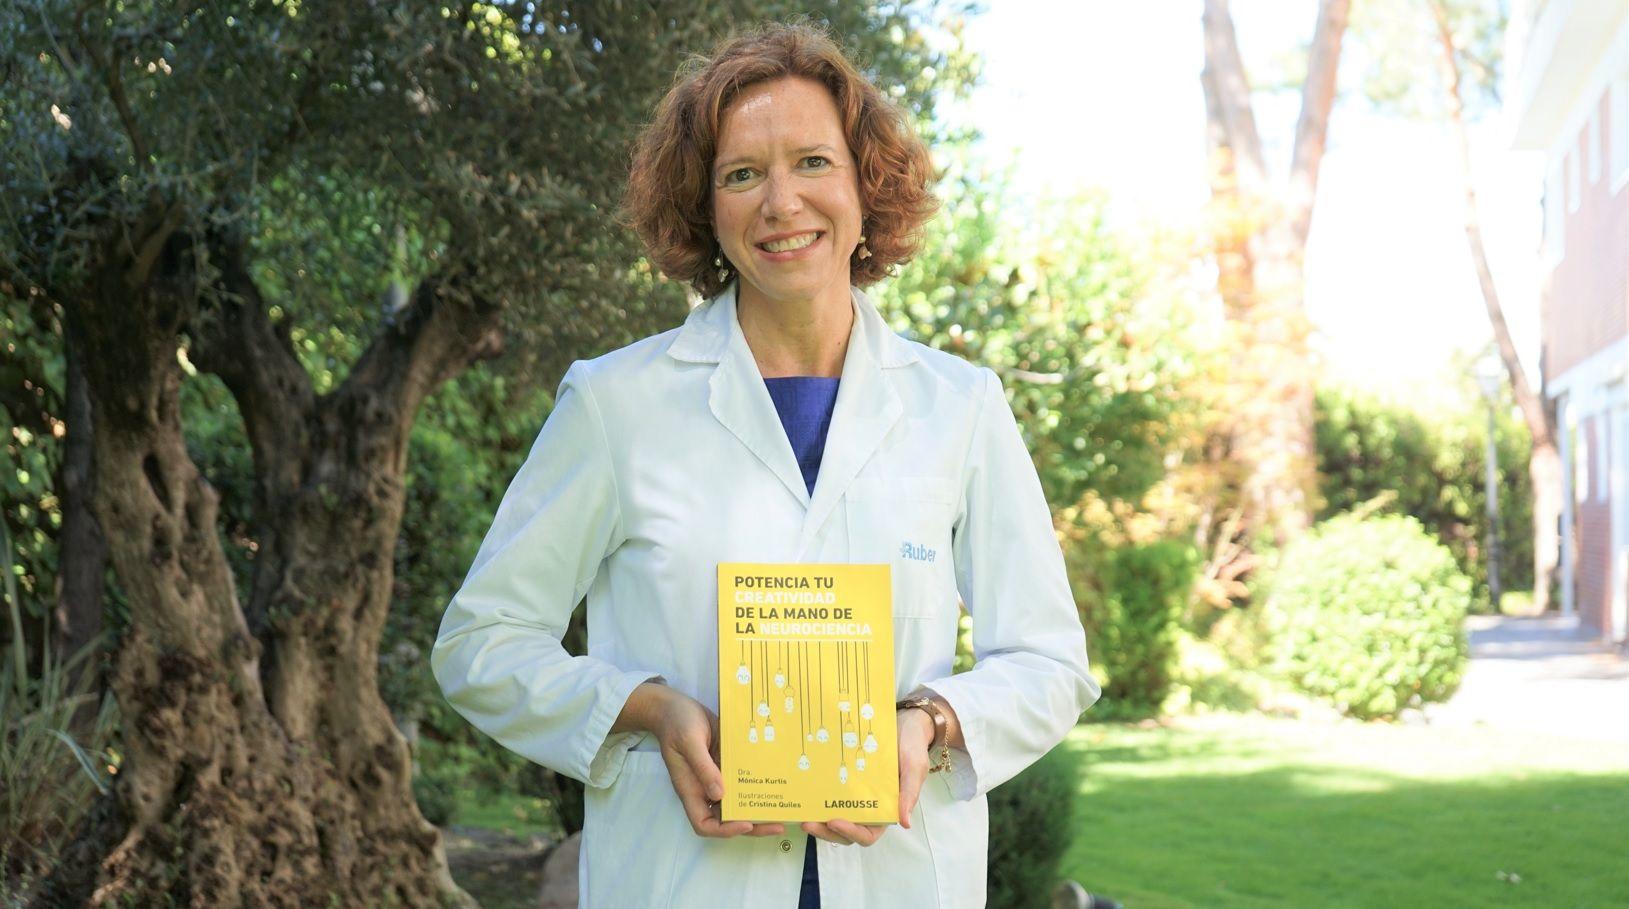 Nuevo libro para mejorar el potencial creativo